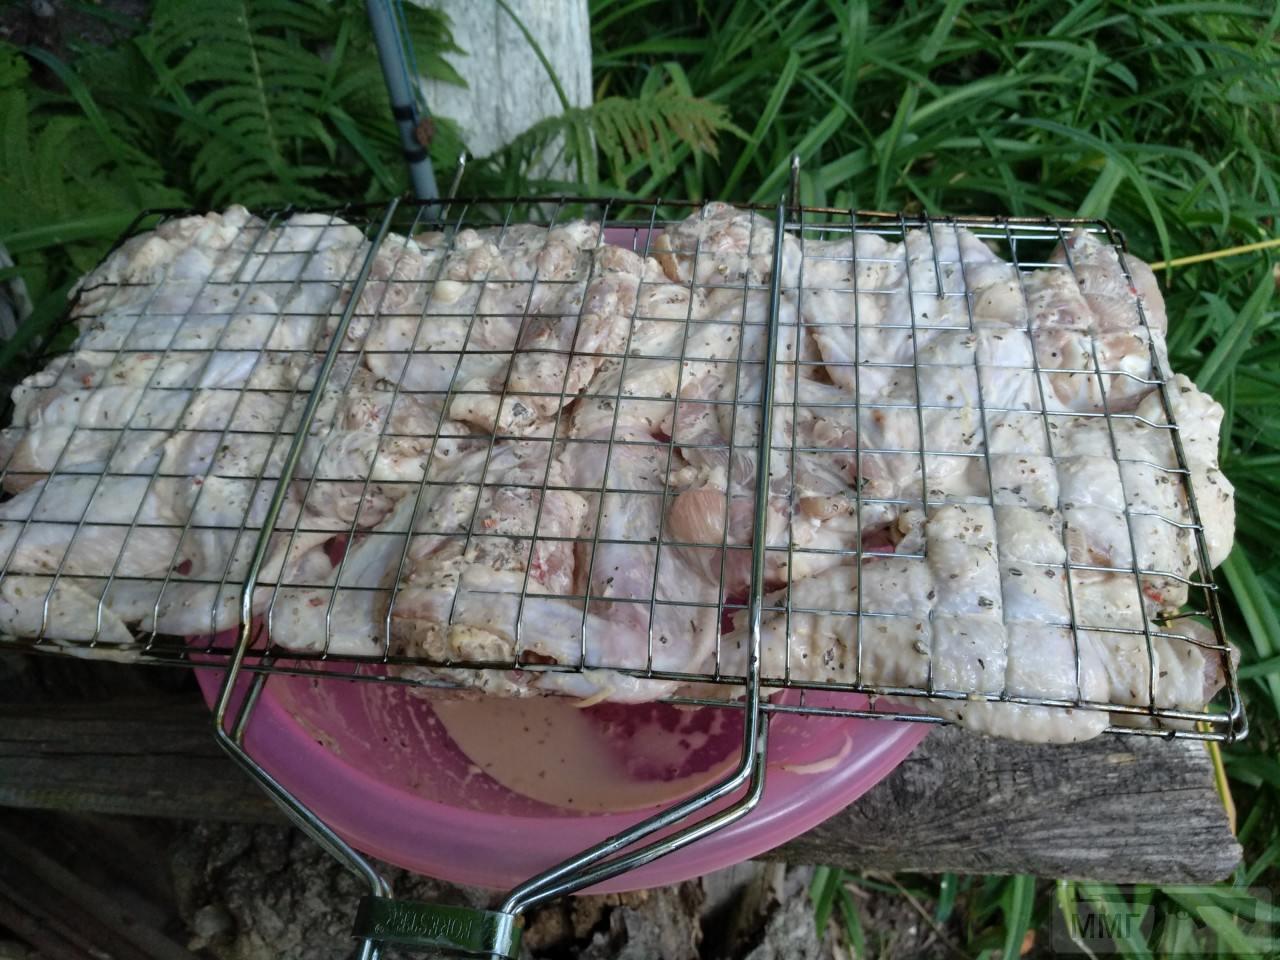 109118 - Закуски на огне (мангал, барбекю и т.д.) и кулинария вообще. Советы и рецепты.